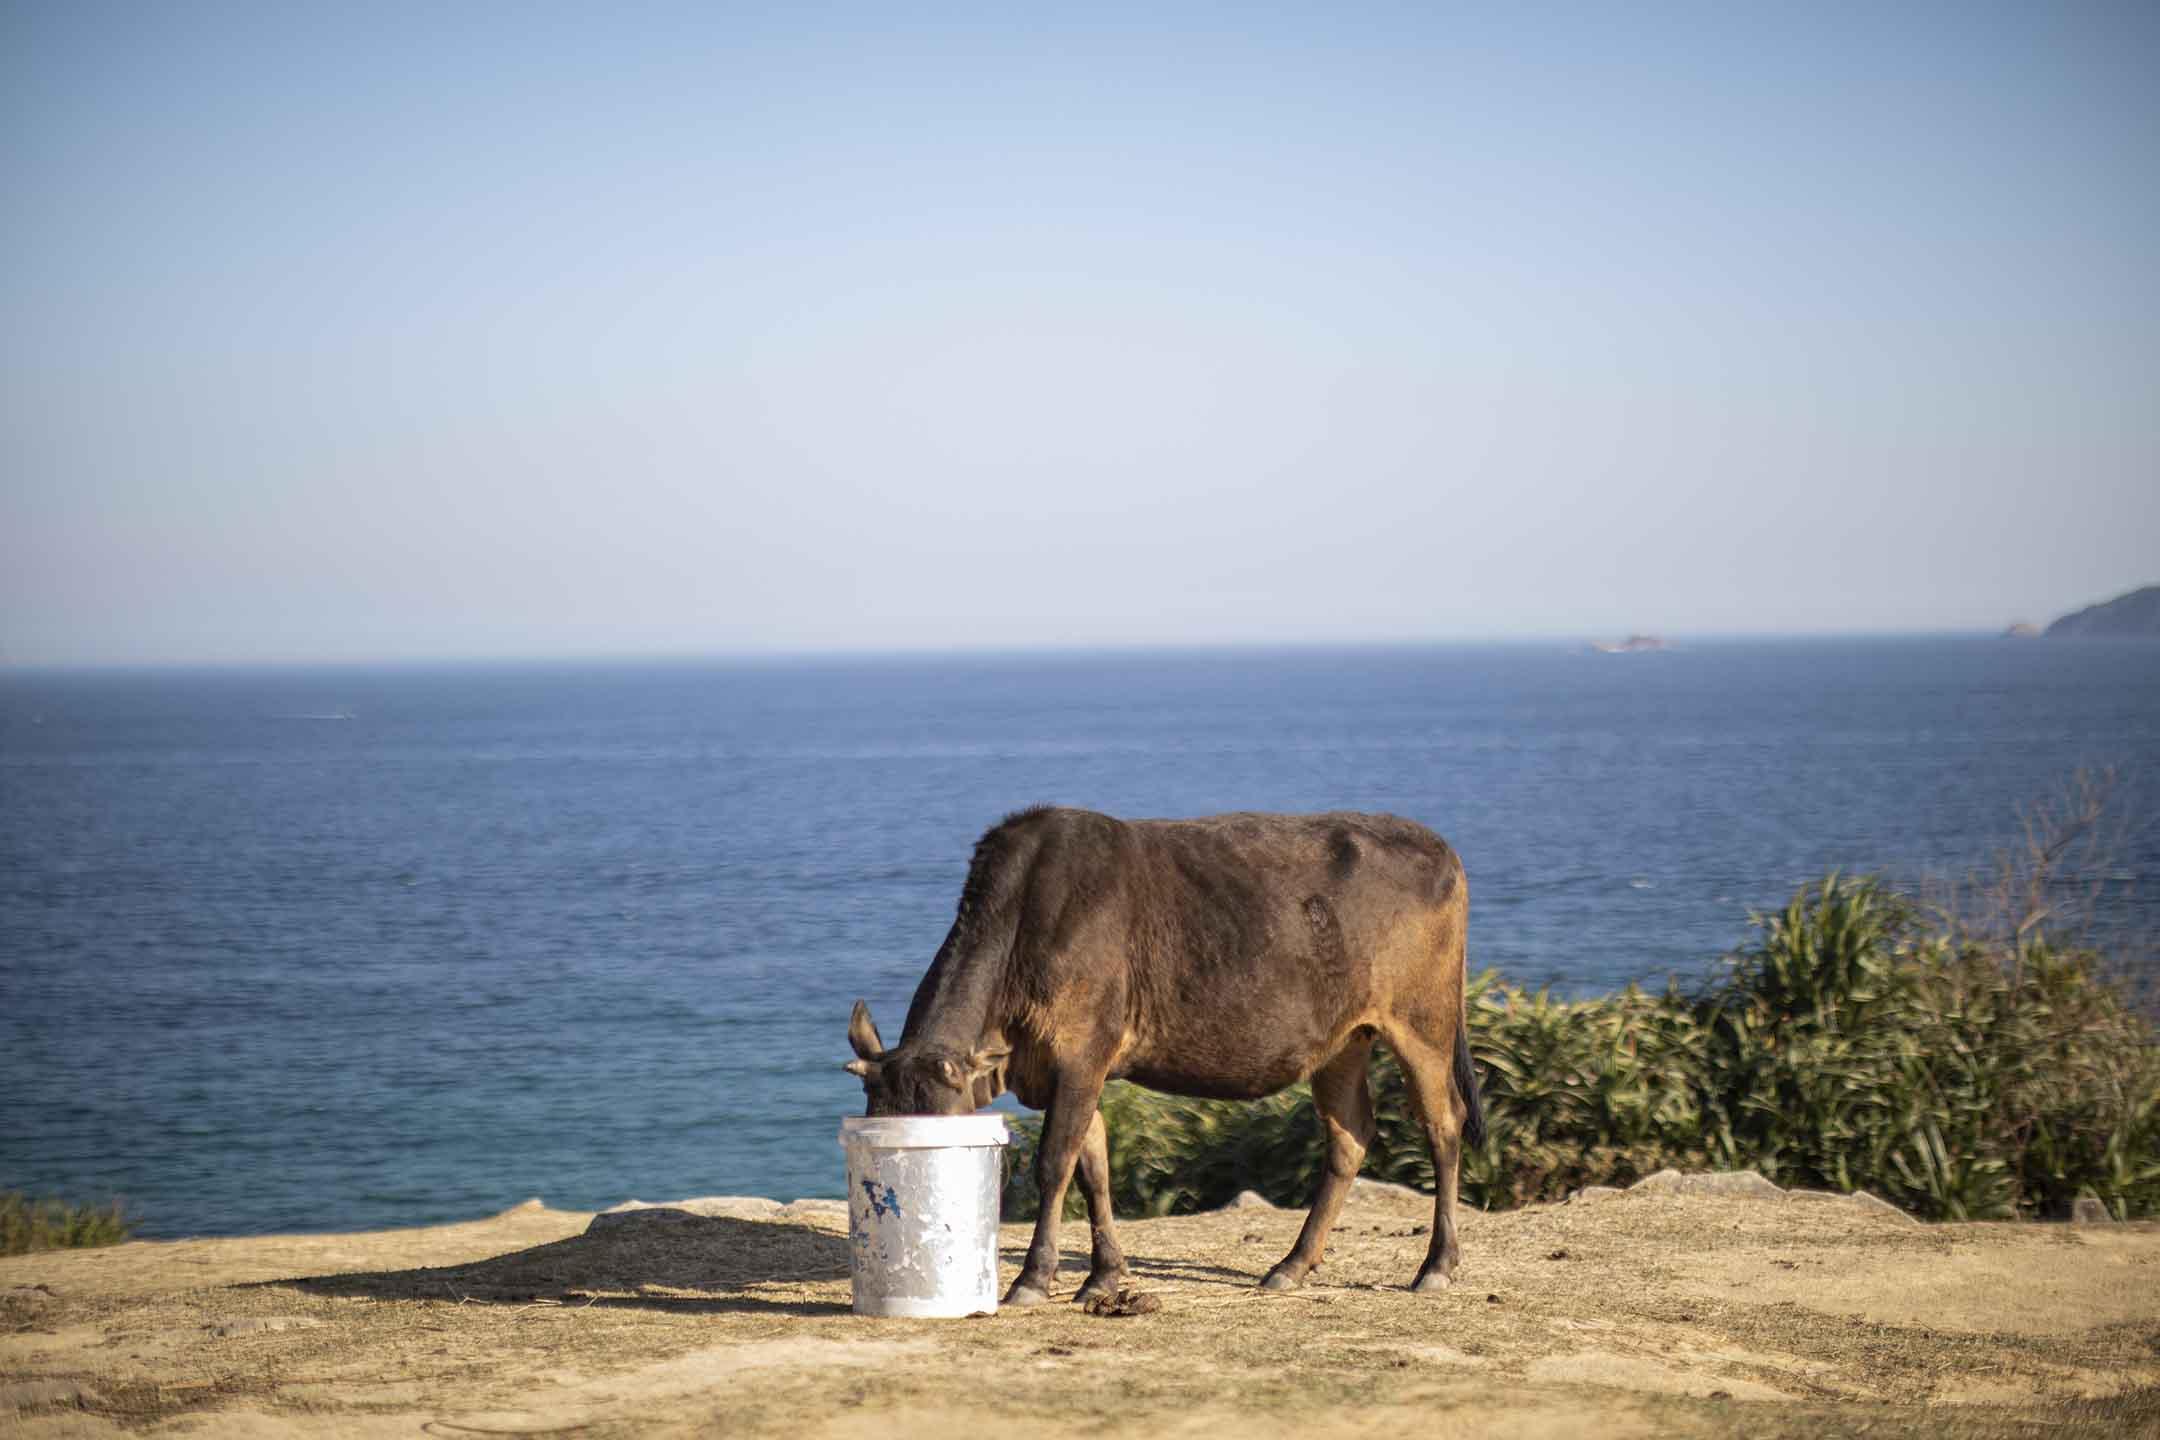 一隻牛在喝水。